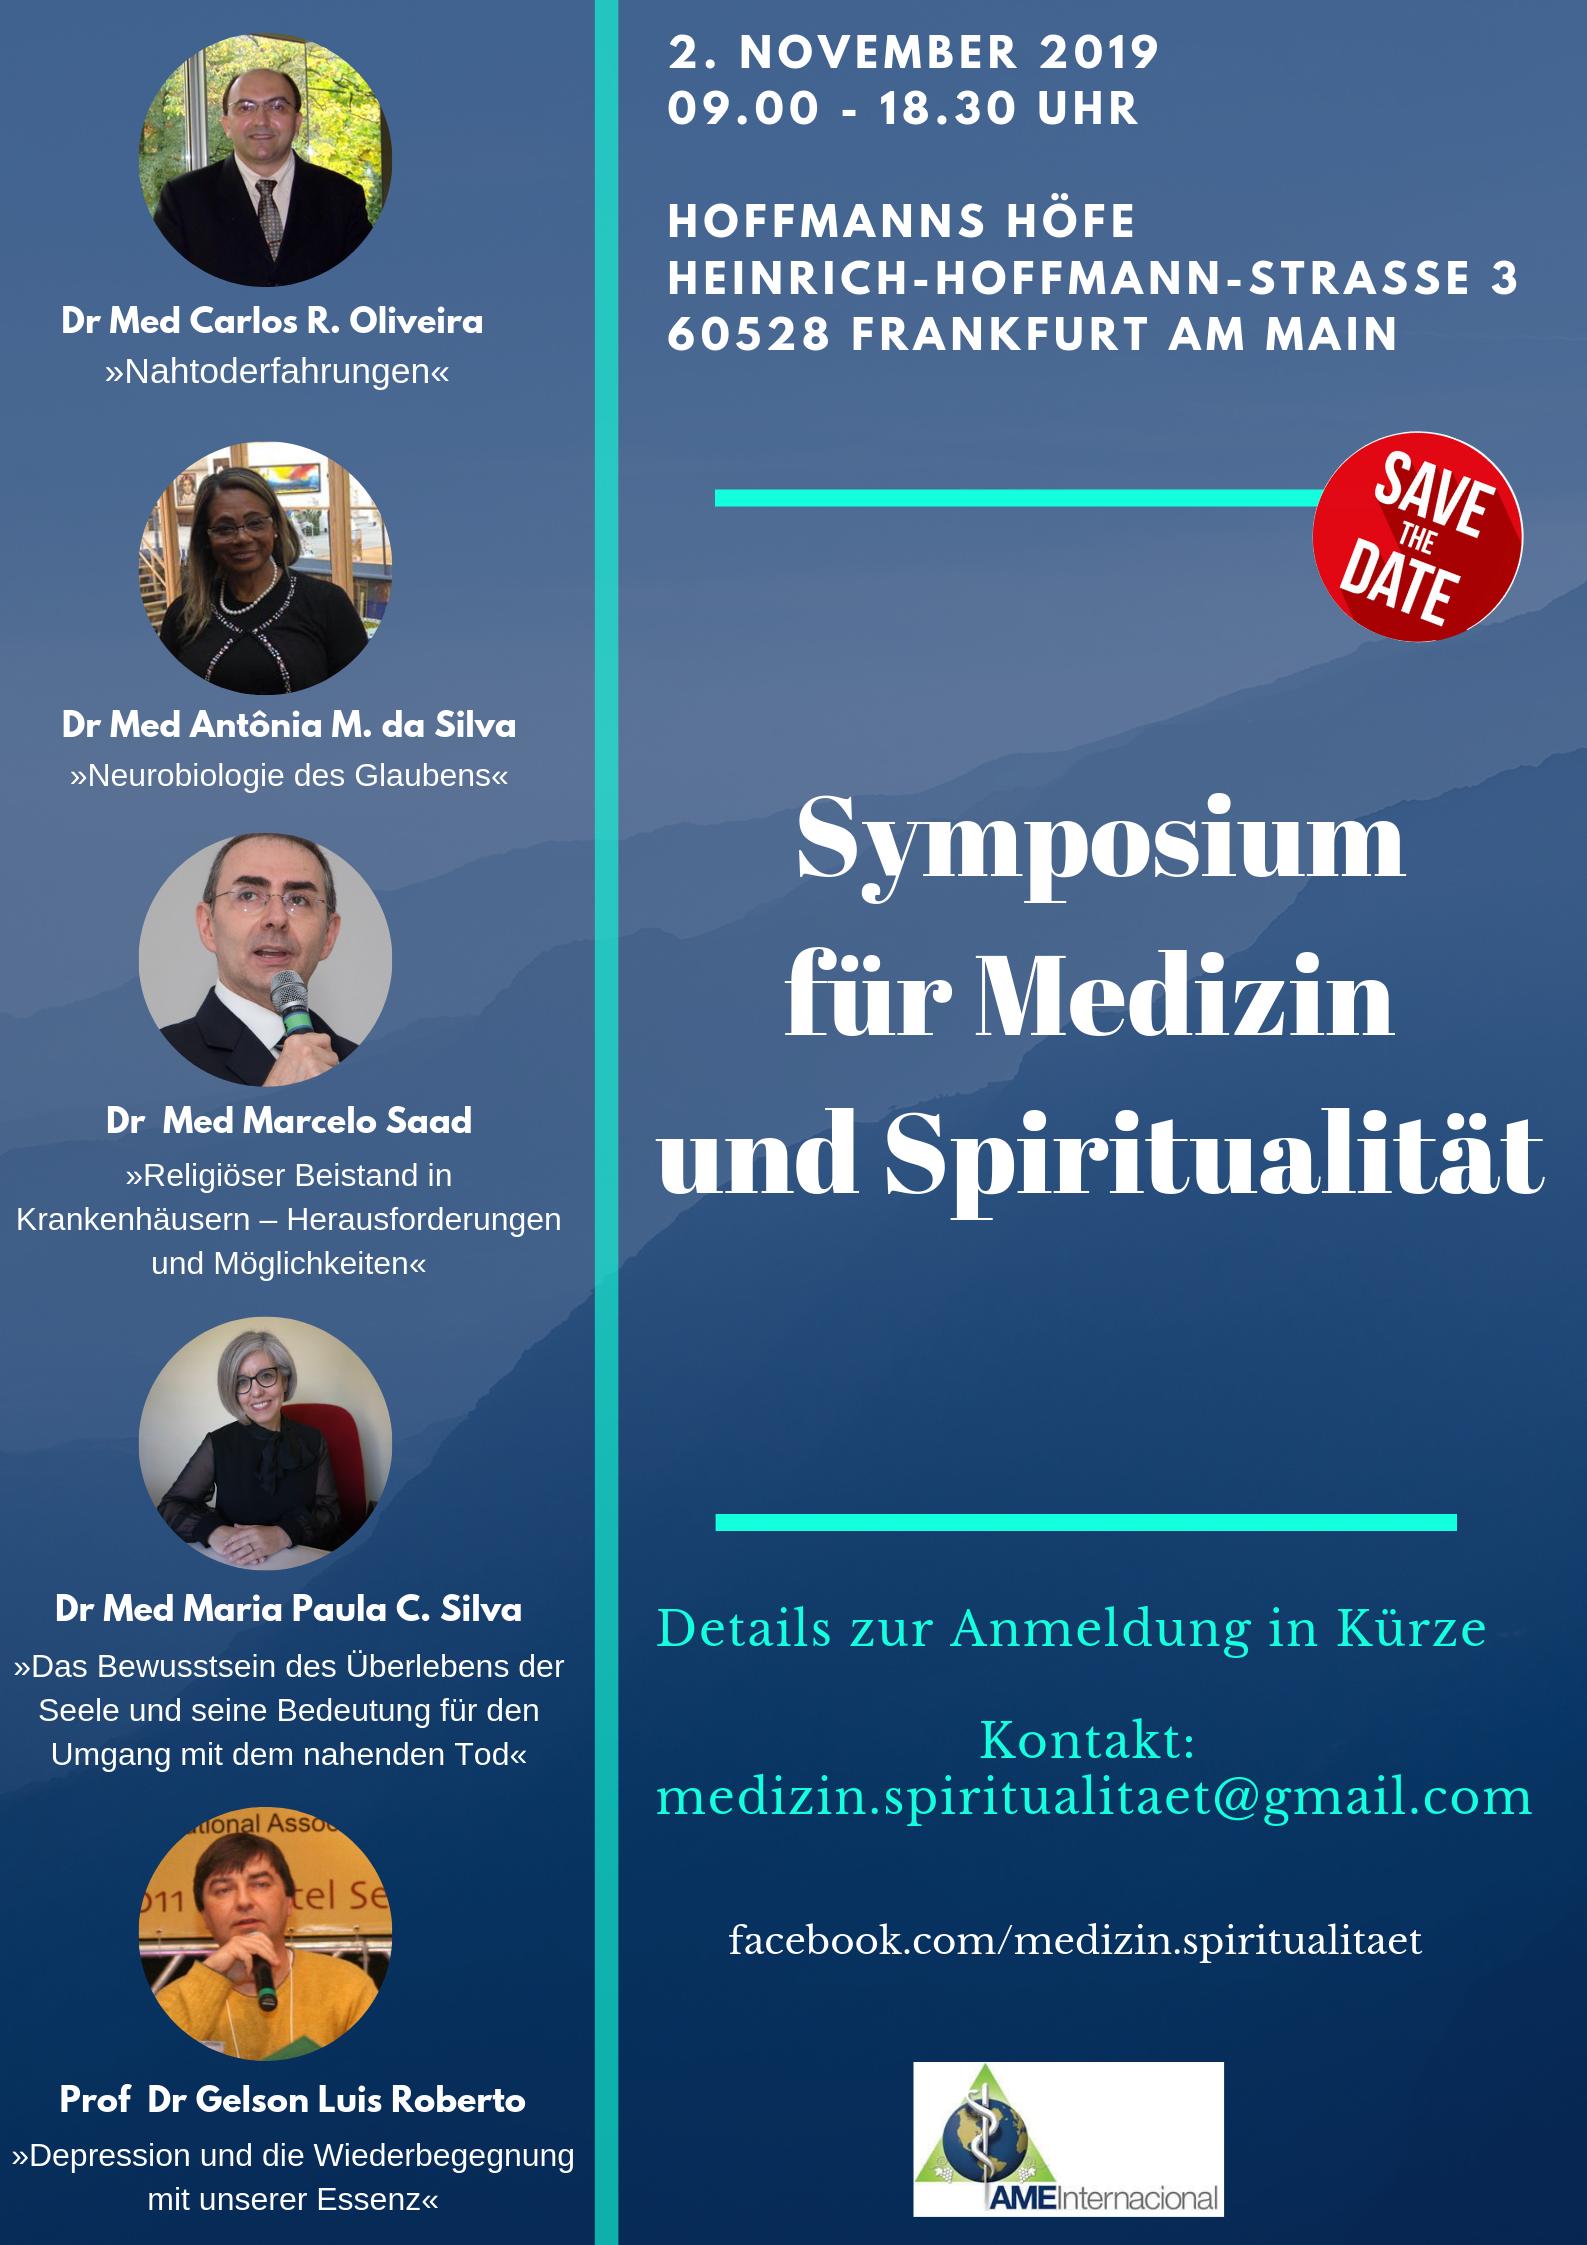 02.11.2019 - Symposium für Medizin und Spiritualität